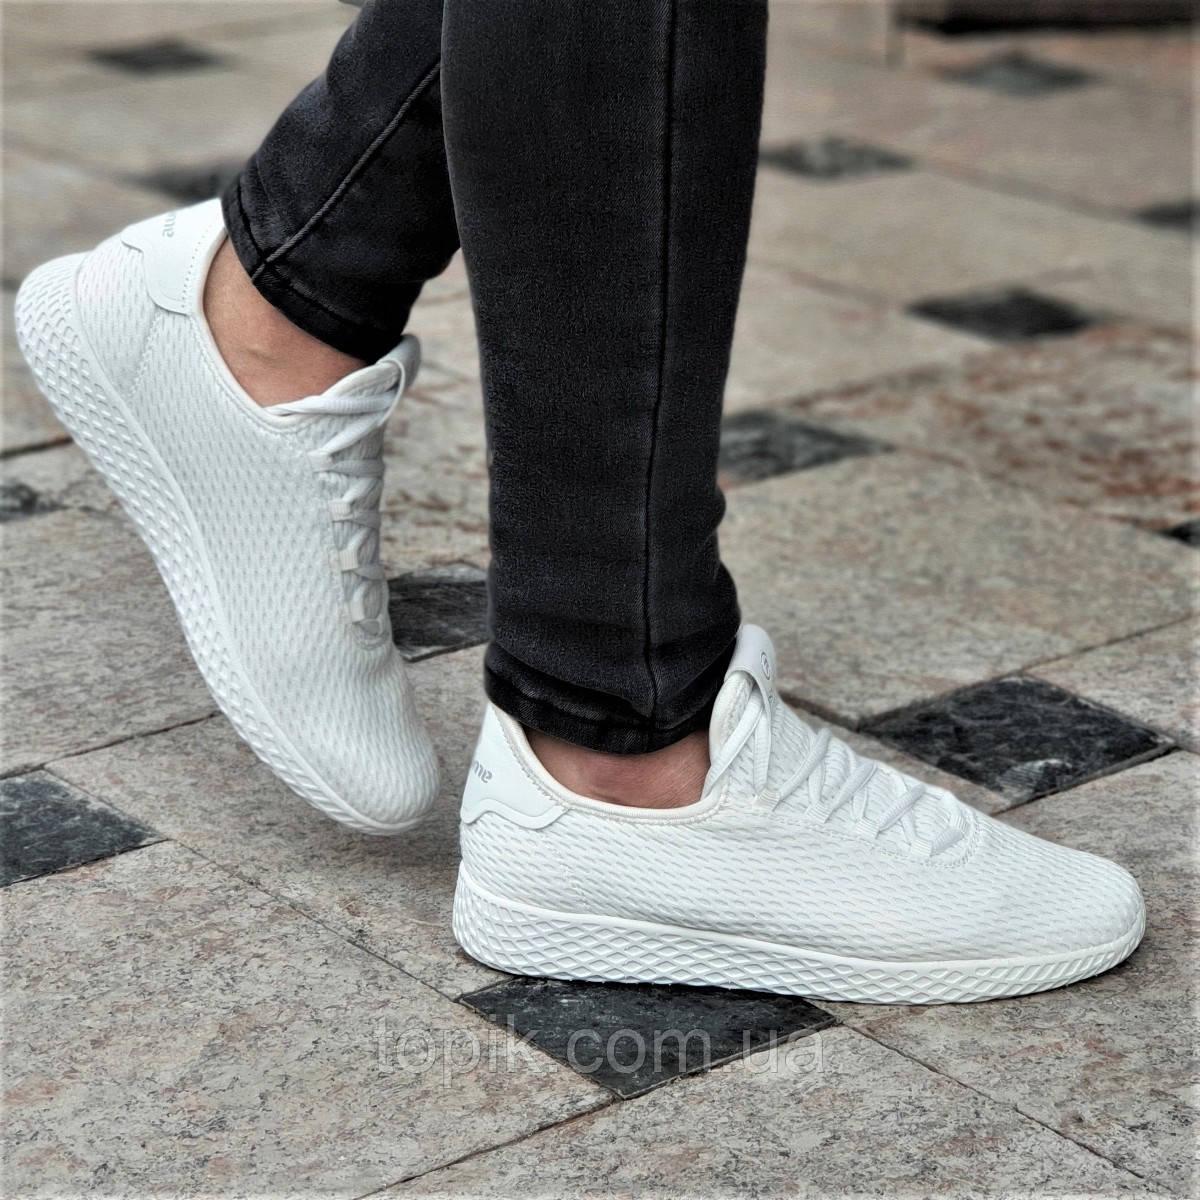 Женские белые кроссовки текстильные легкие и удобные мягкая подошва из пенки (Код: 1341а)